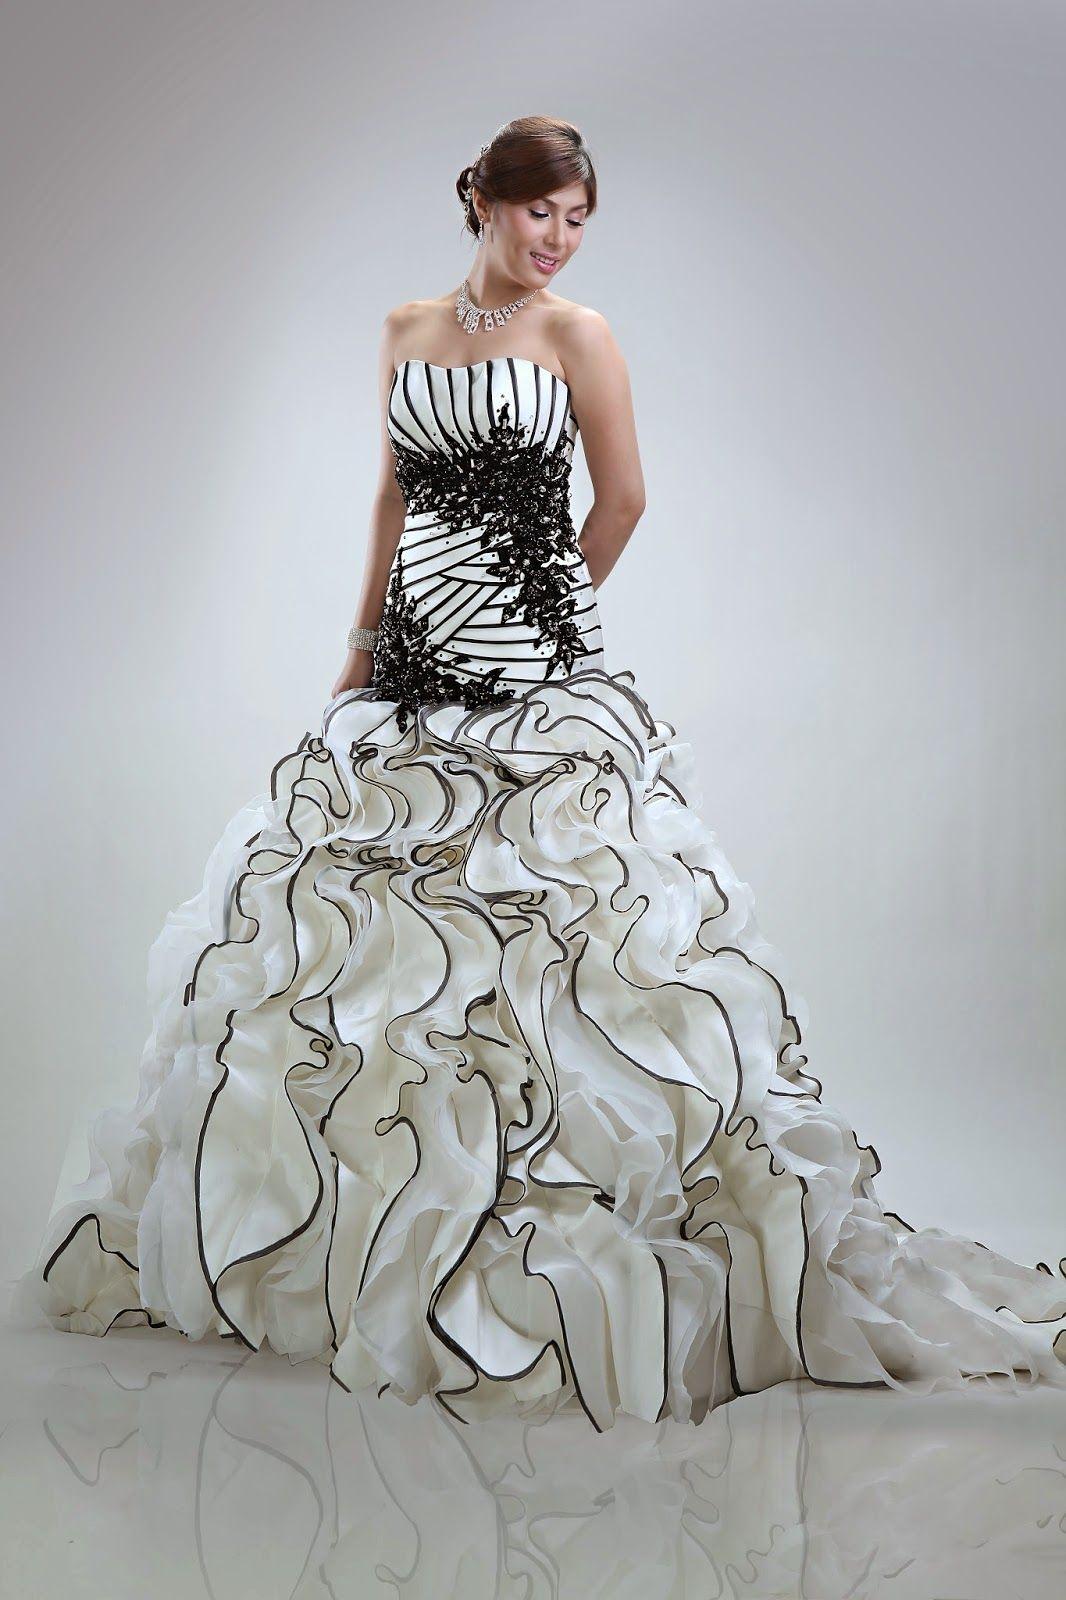 philippines wedding gown designer | wedding gown | Pinterest ...